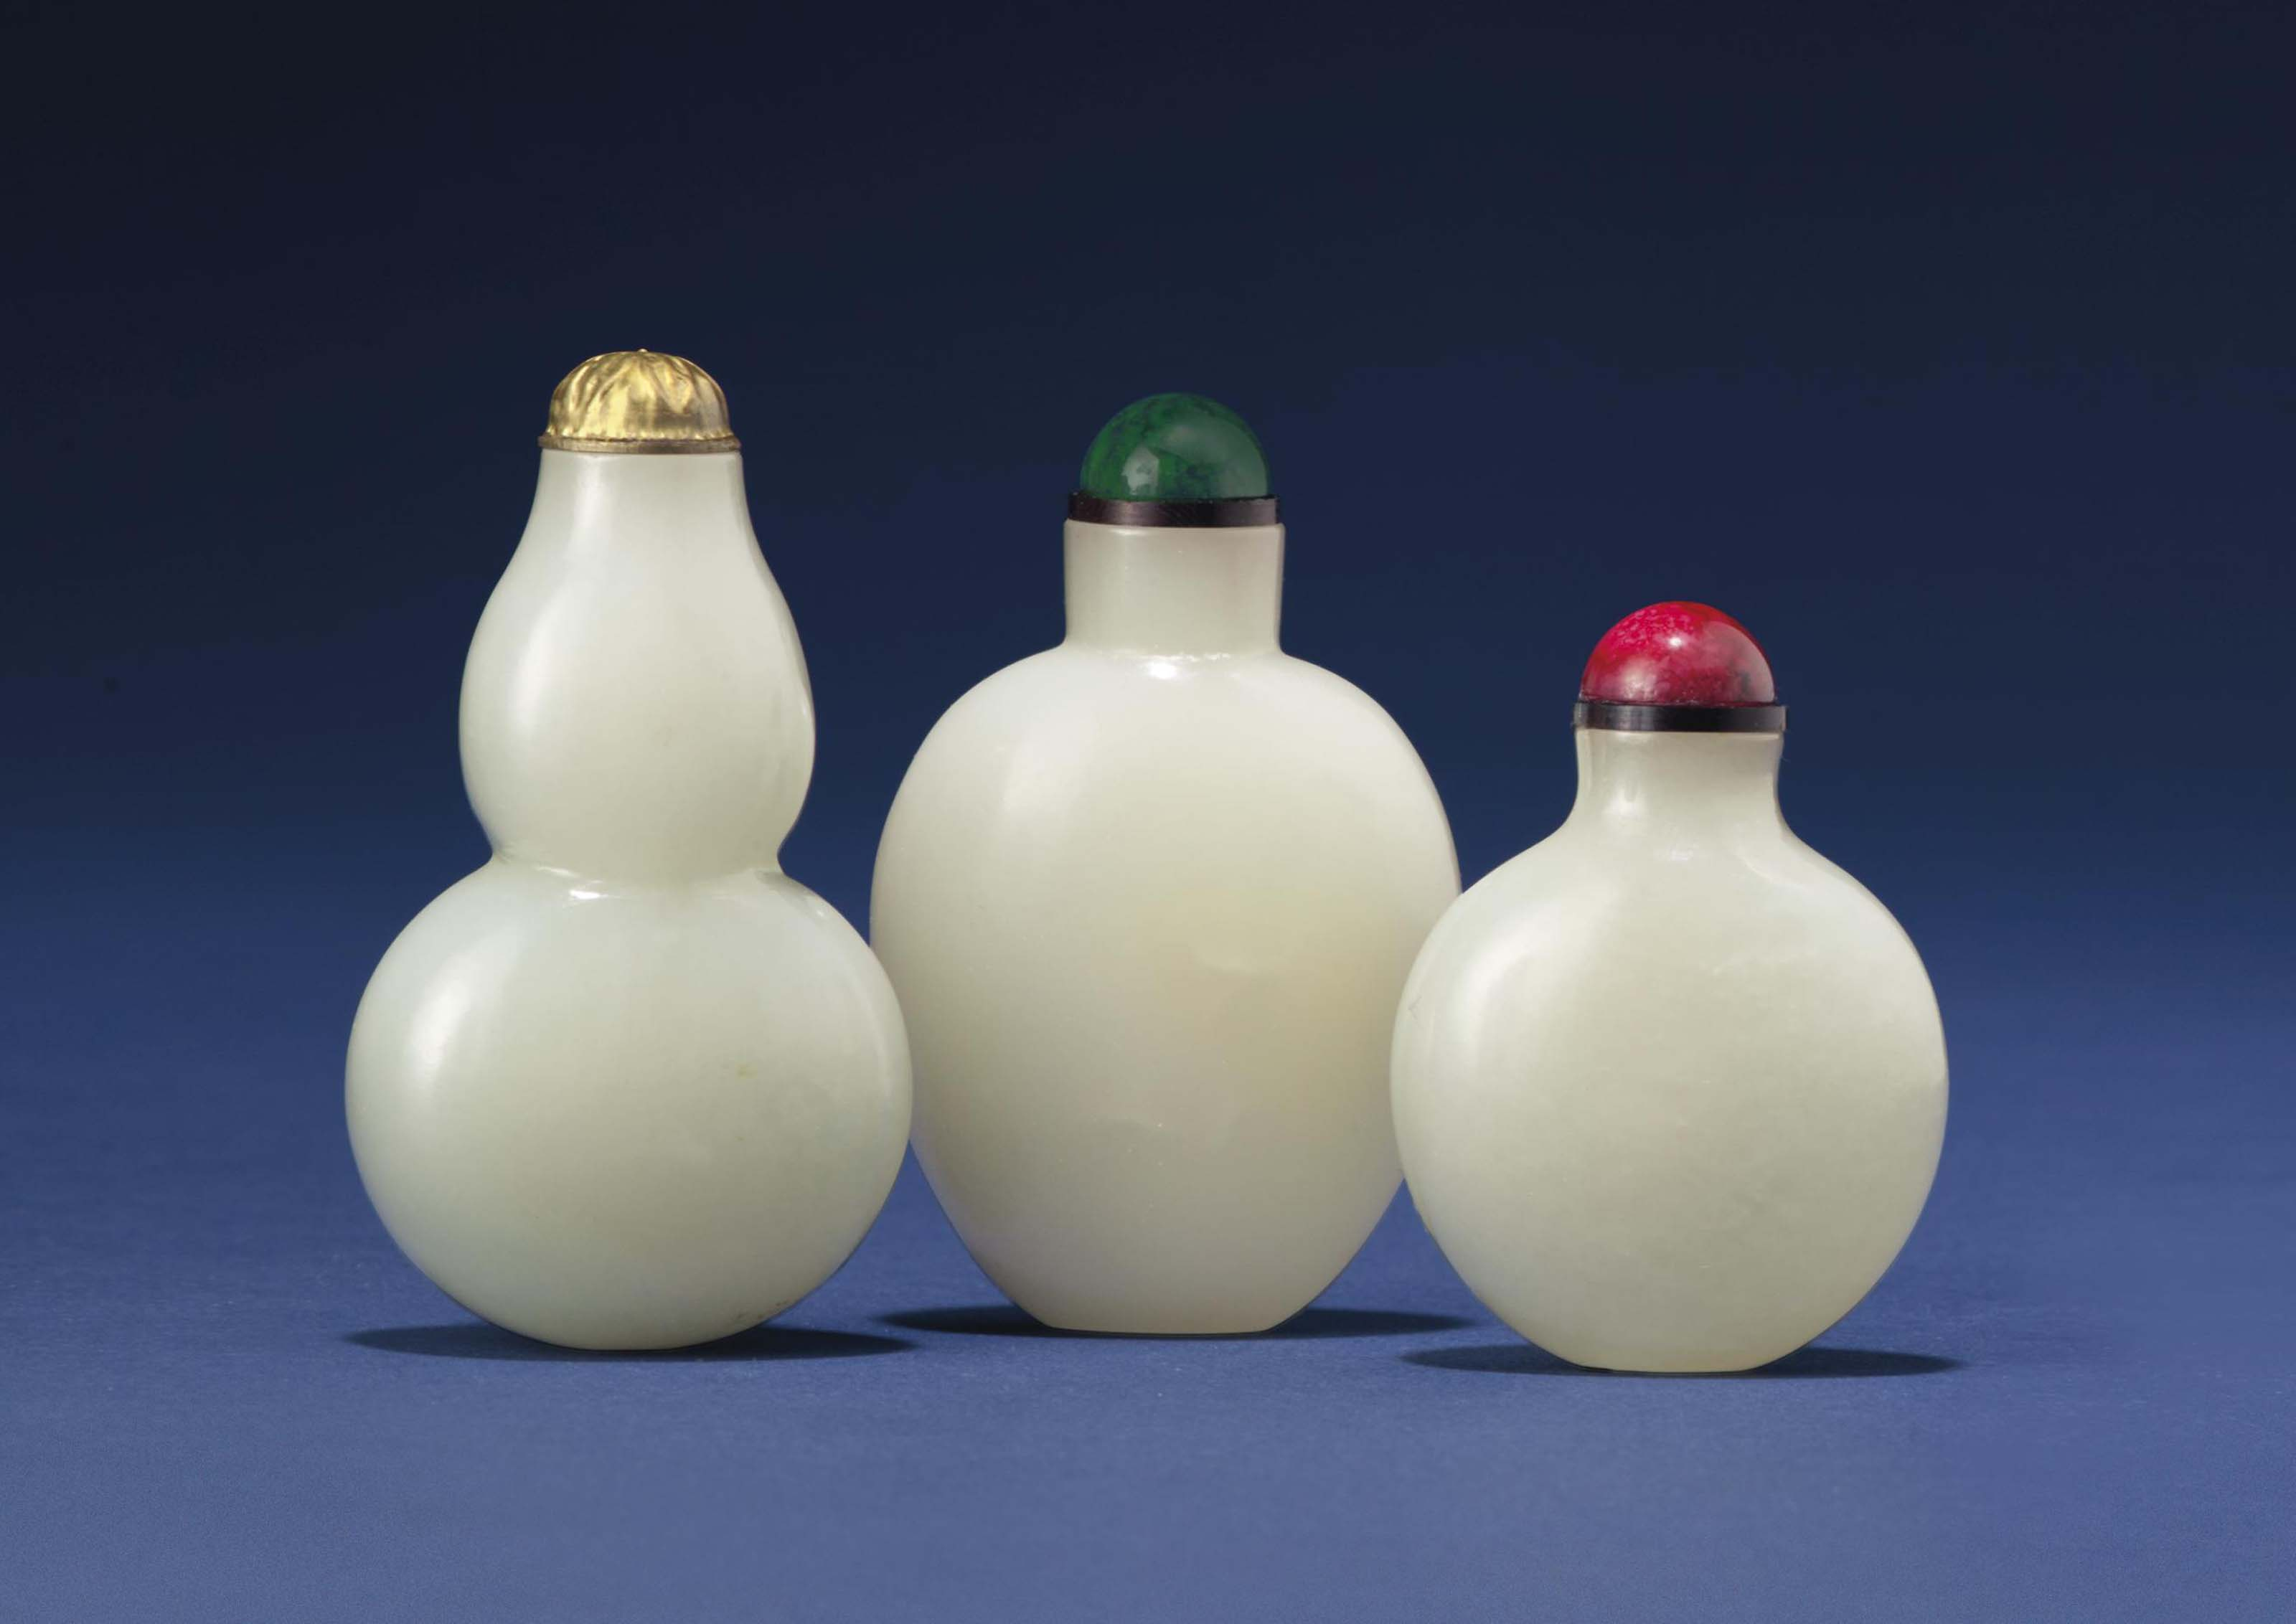 THREE SMALL PALE GREENISH-WHIT